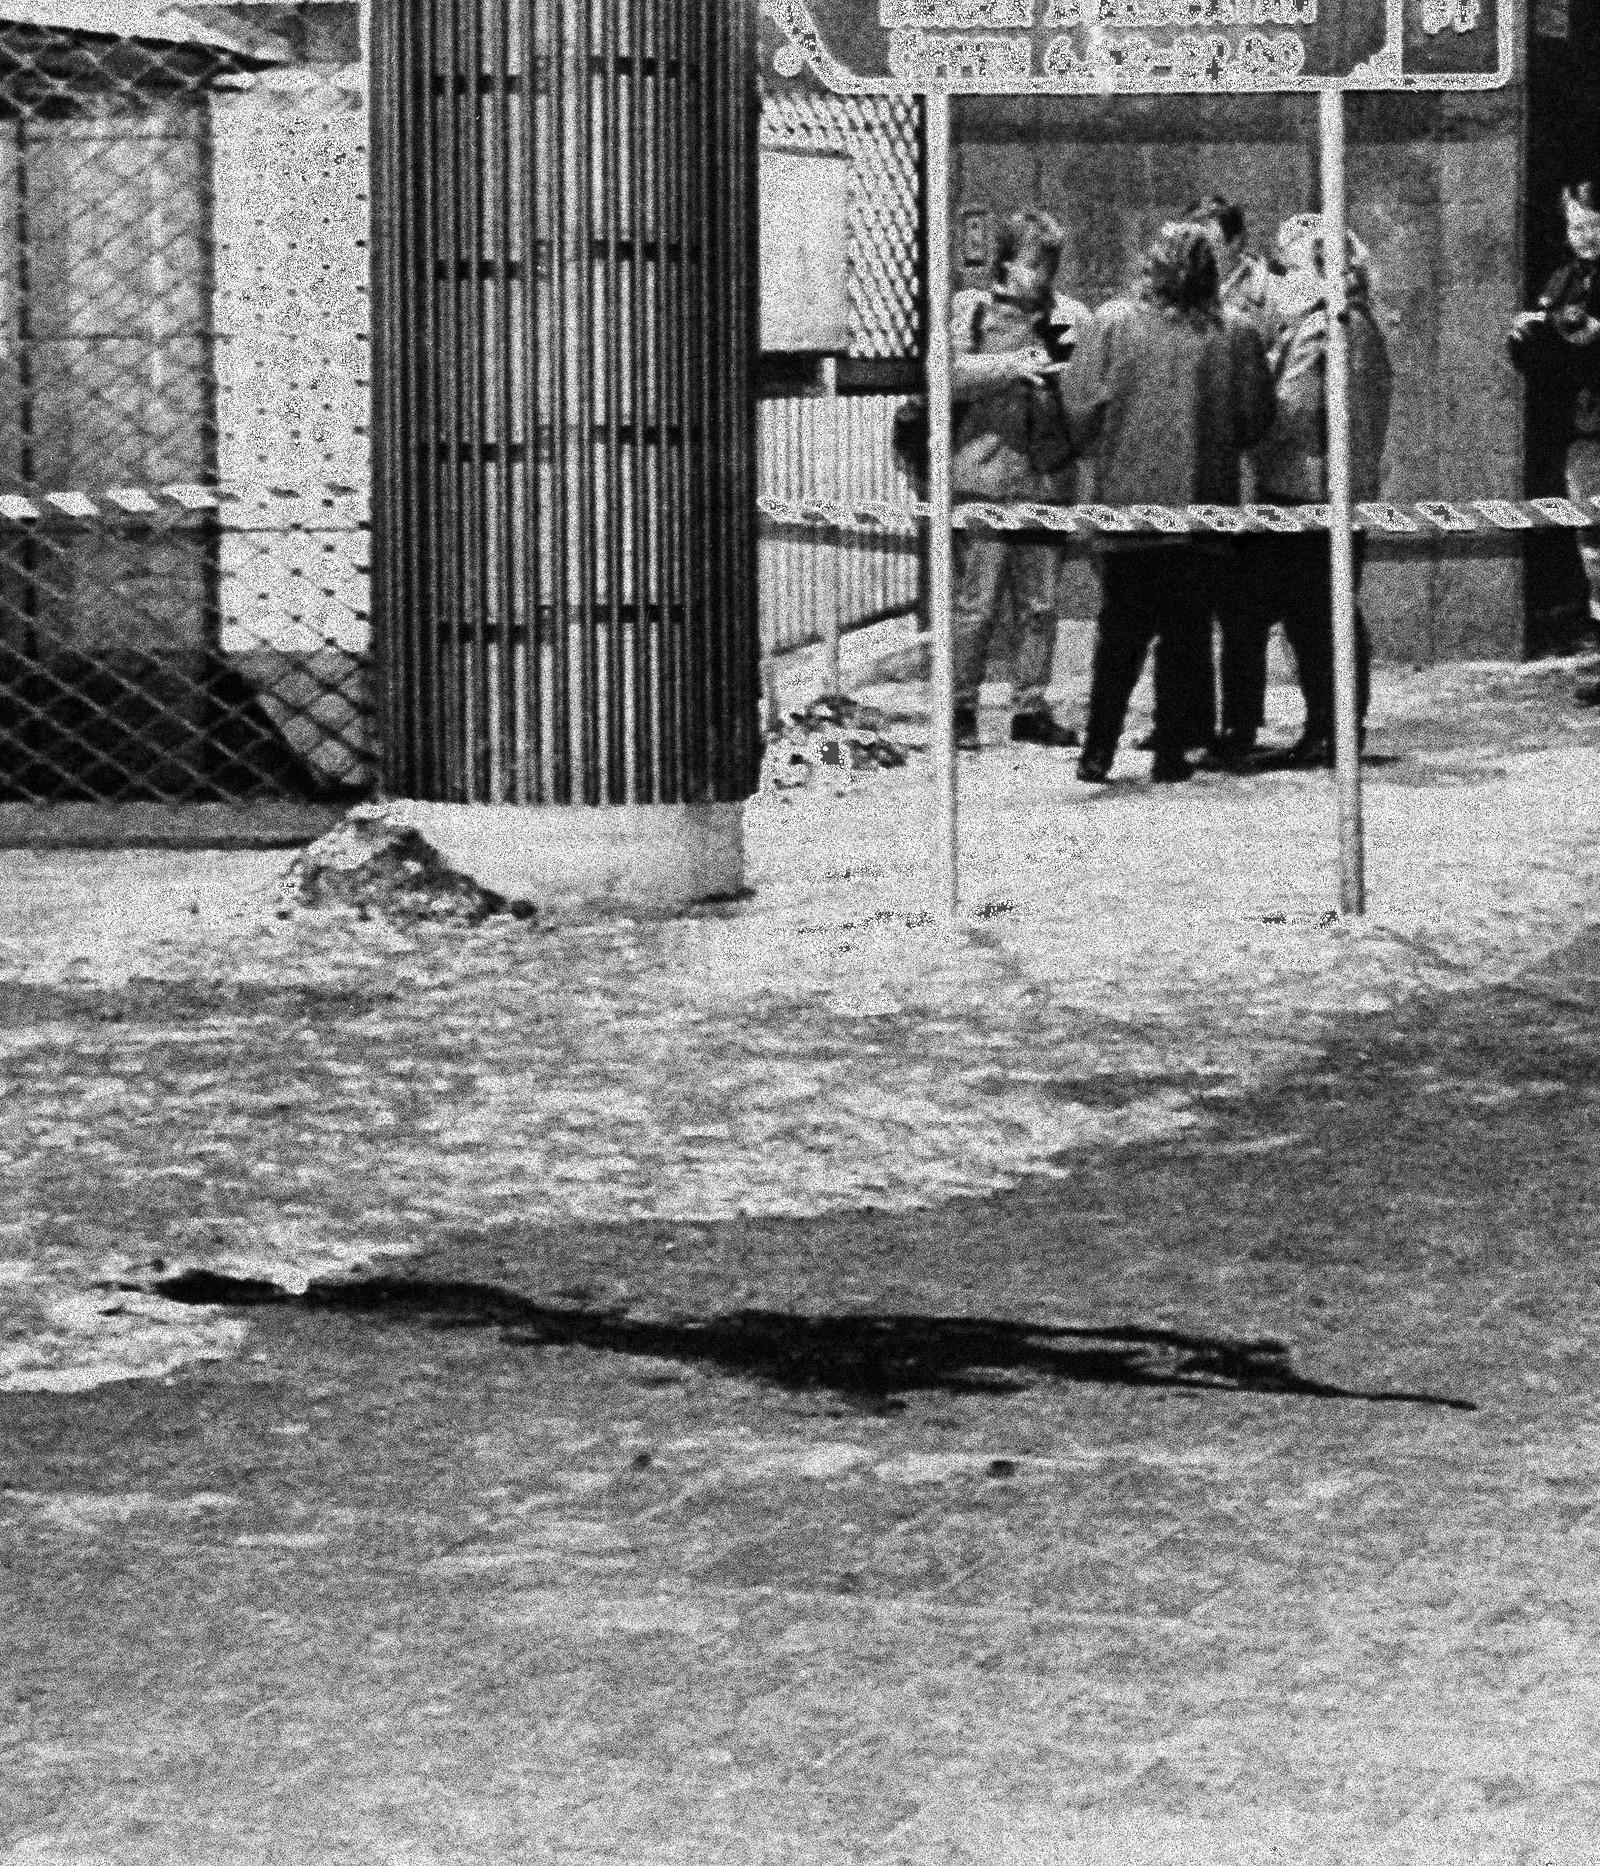 Åstedet lå i nærheten av en t-banestasjon. Blodsporet på bakken vitner om drapet.